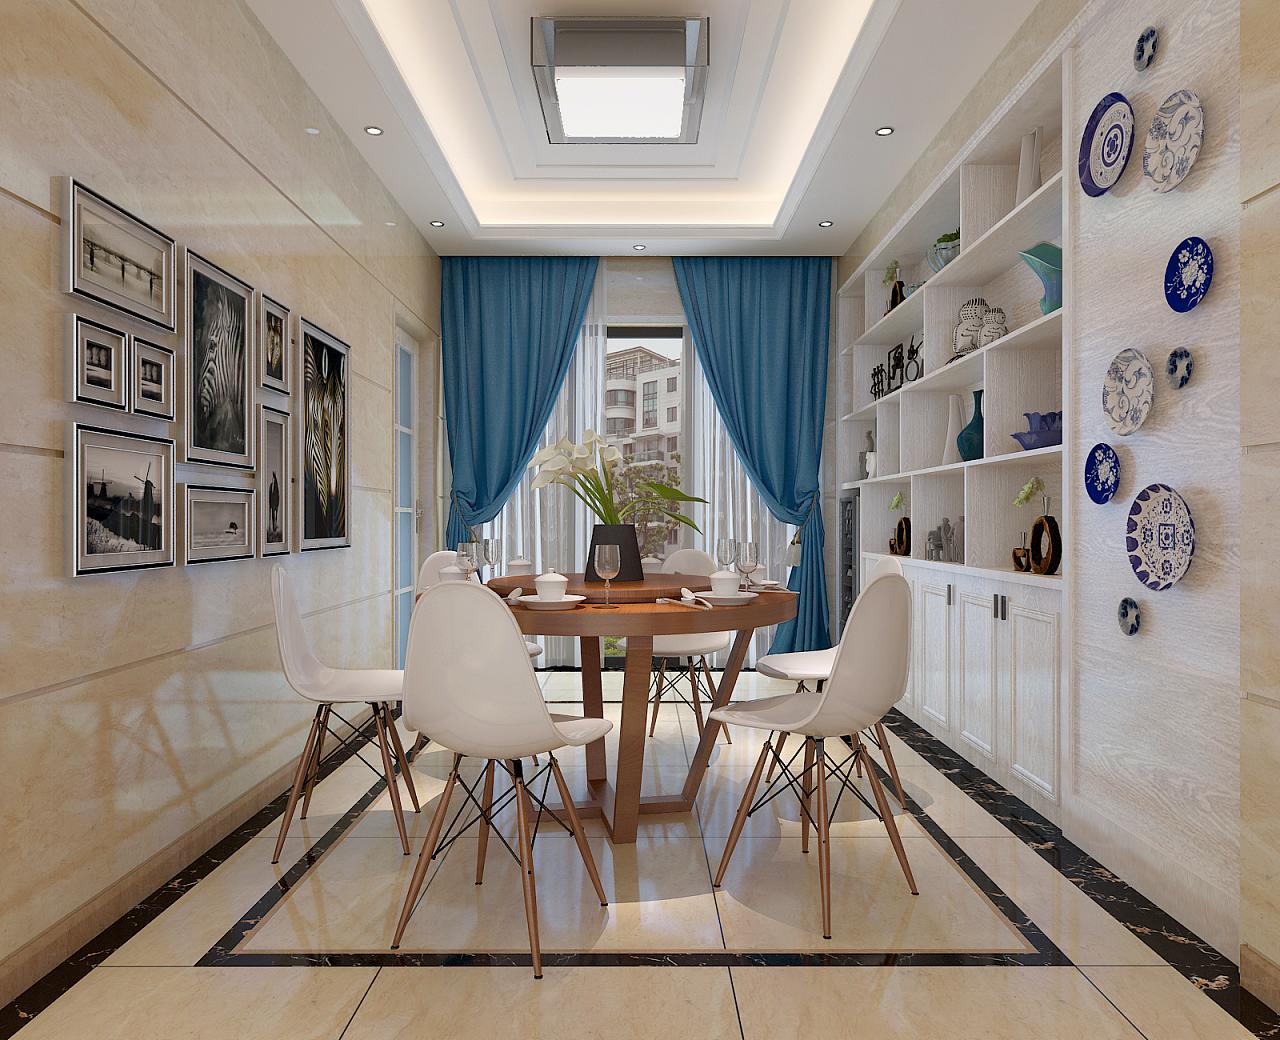 现代住宅 空间 室内设计 空孔空 - 原创作品 - 站酷